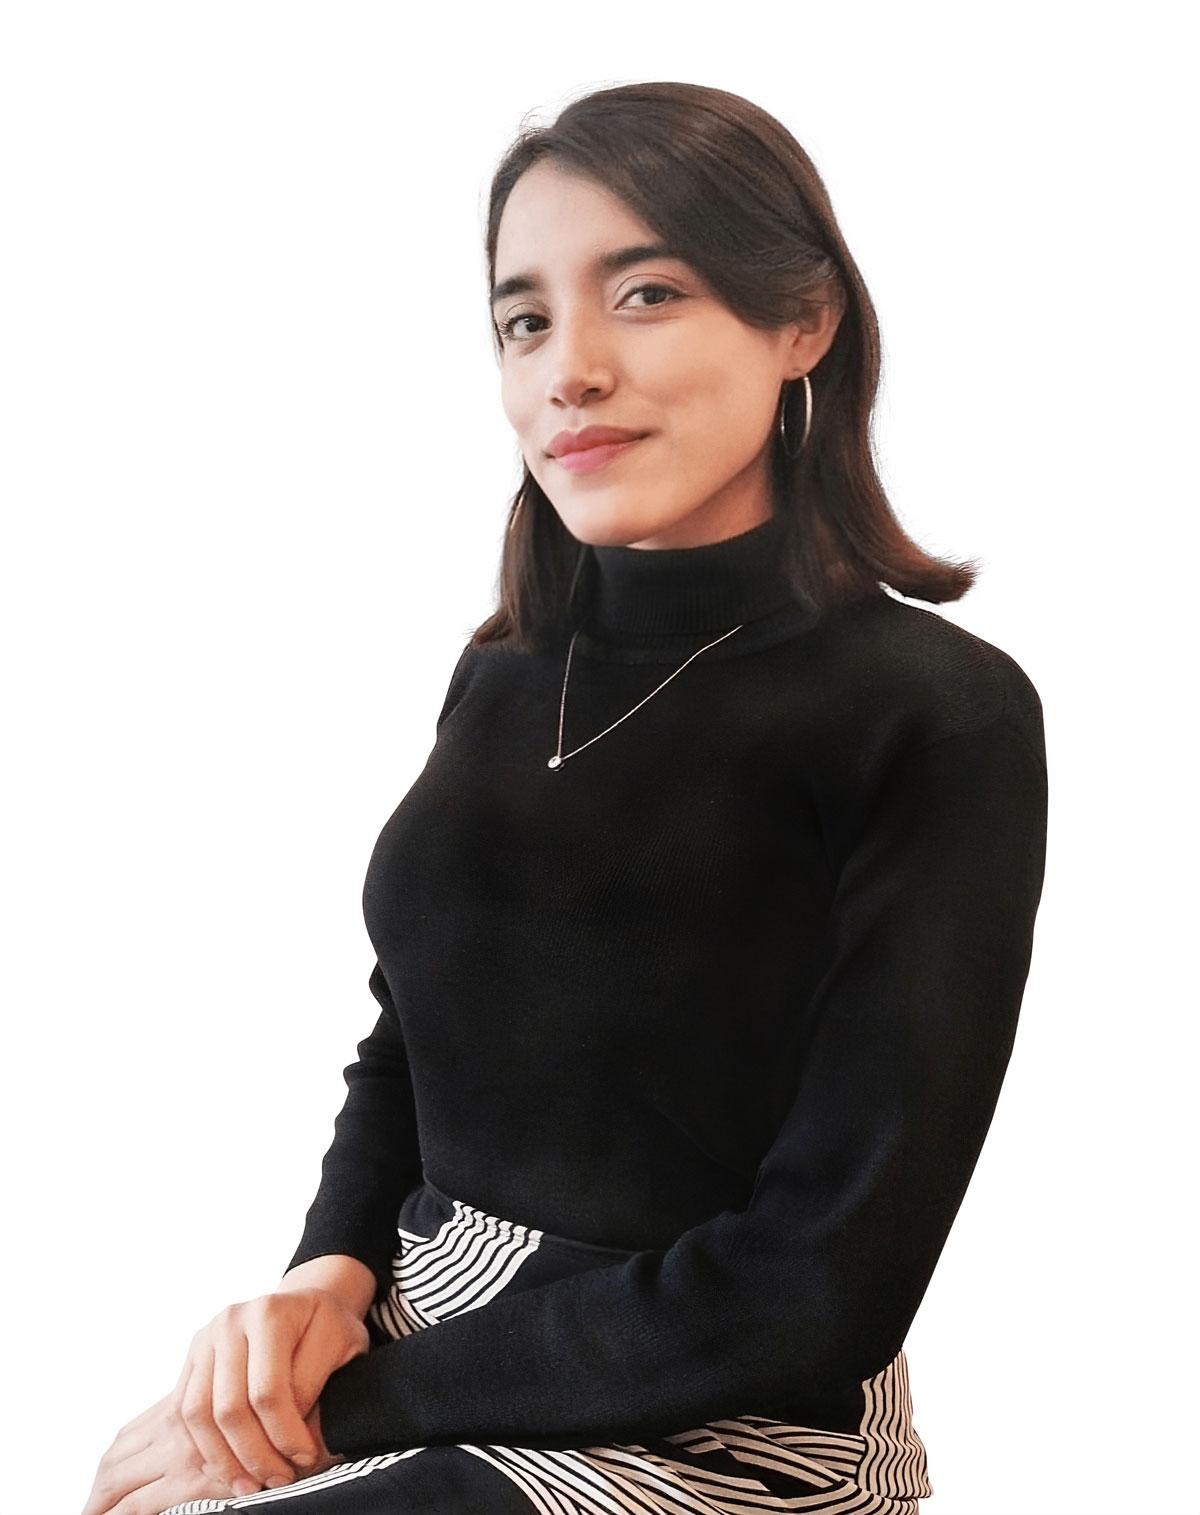 Anahi Morales